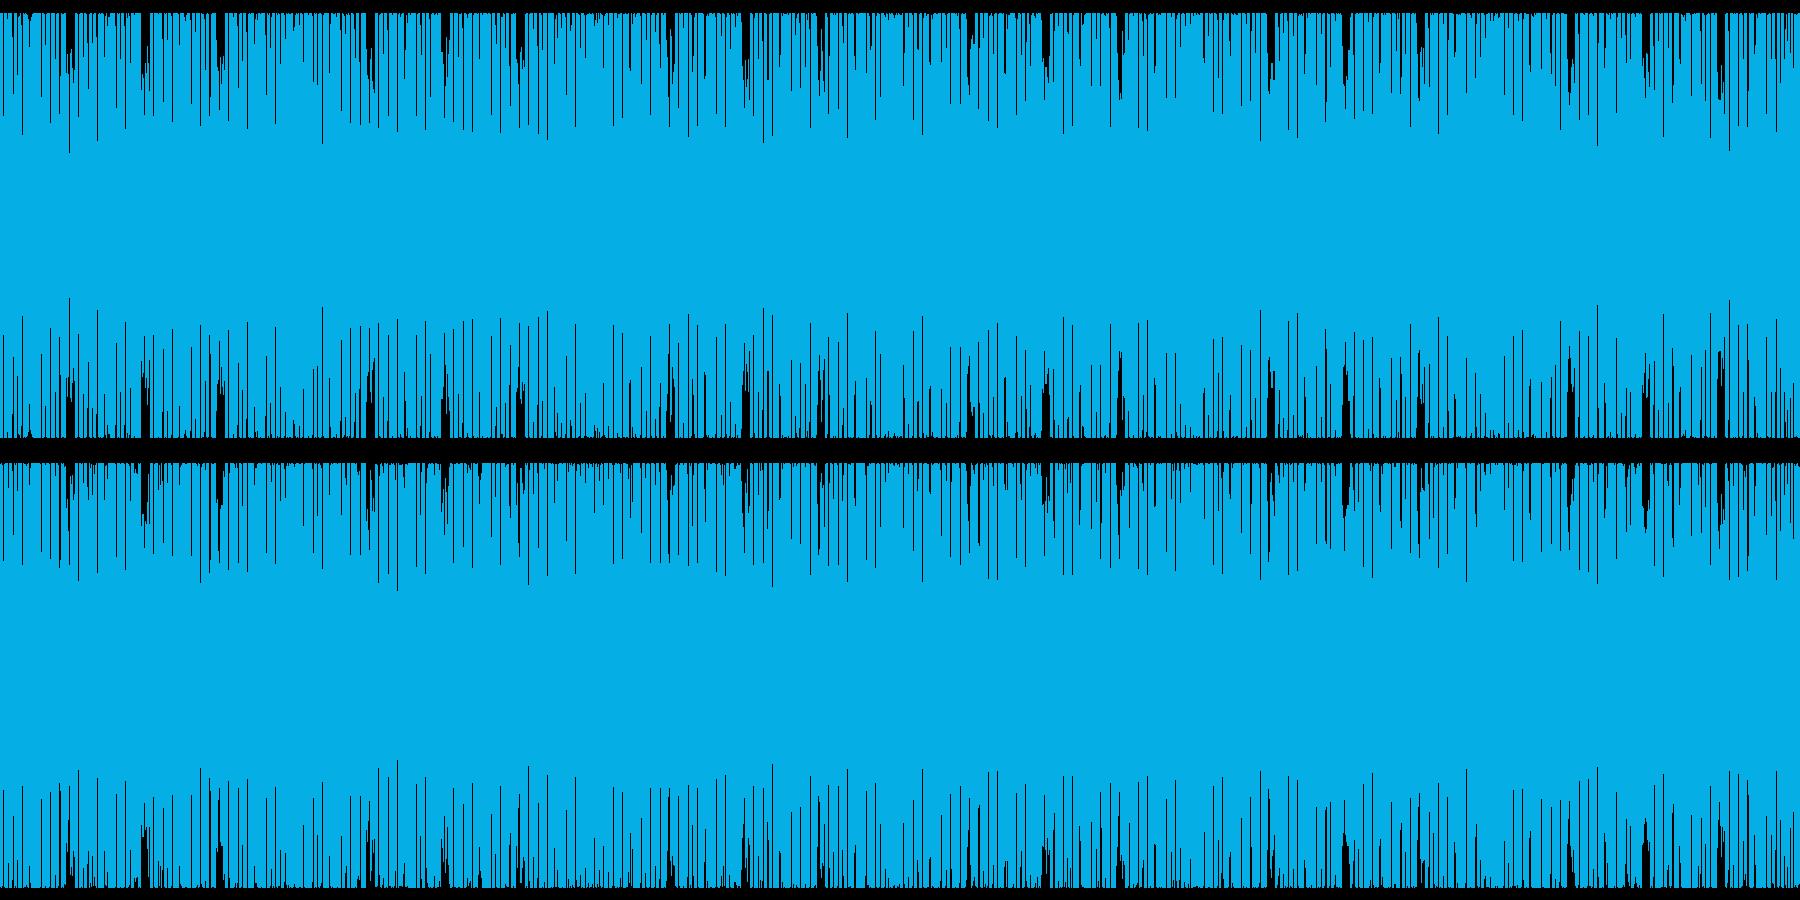 ピコピコキラキラテクノポップ-スローの再生済みの波形